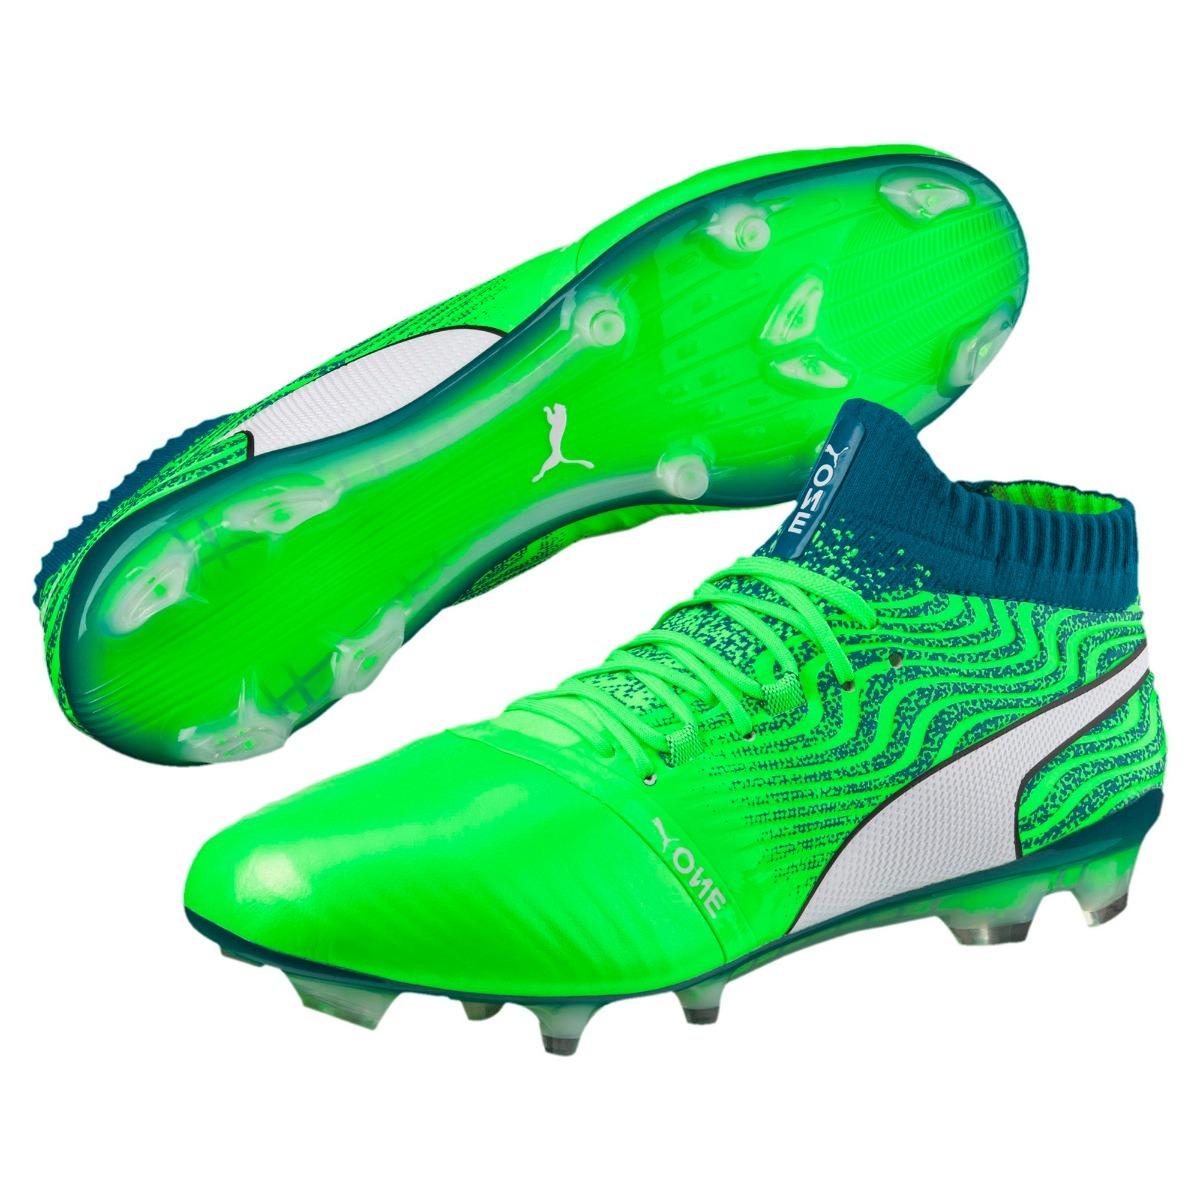 Botas Puma One 18.1 Fg Taquetes Profesionales Verdes A Meses ... f1d40ca550e99